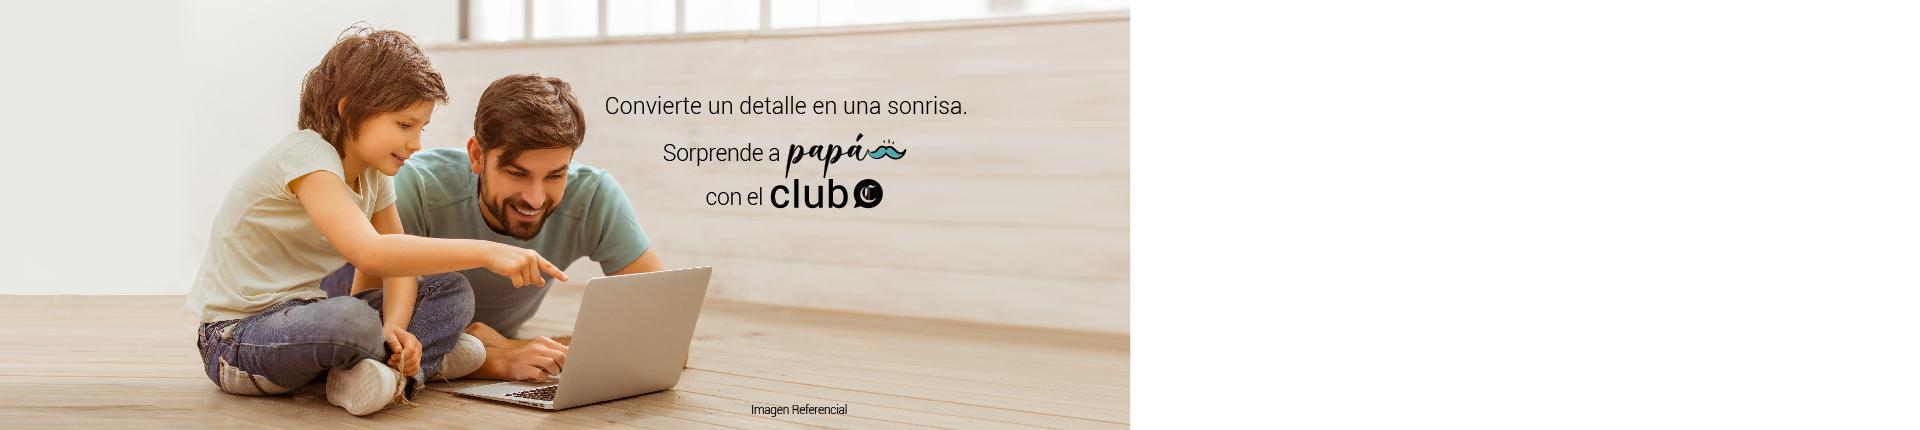 ESPECIAL PAPÁ - Club El Comercio Perú.